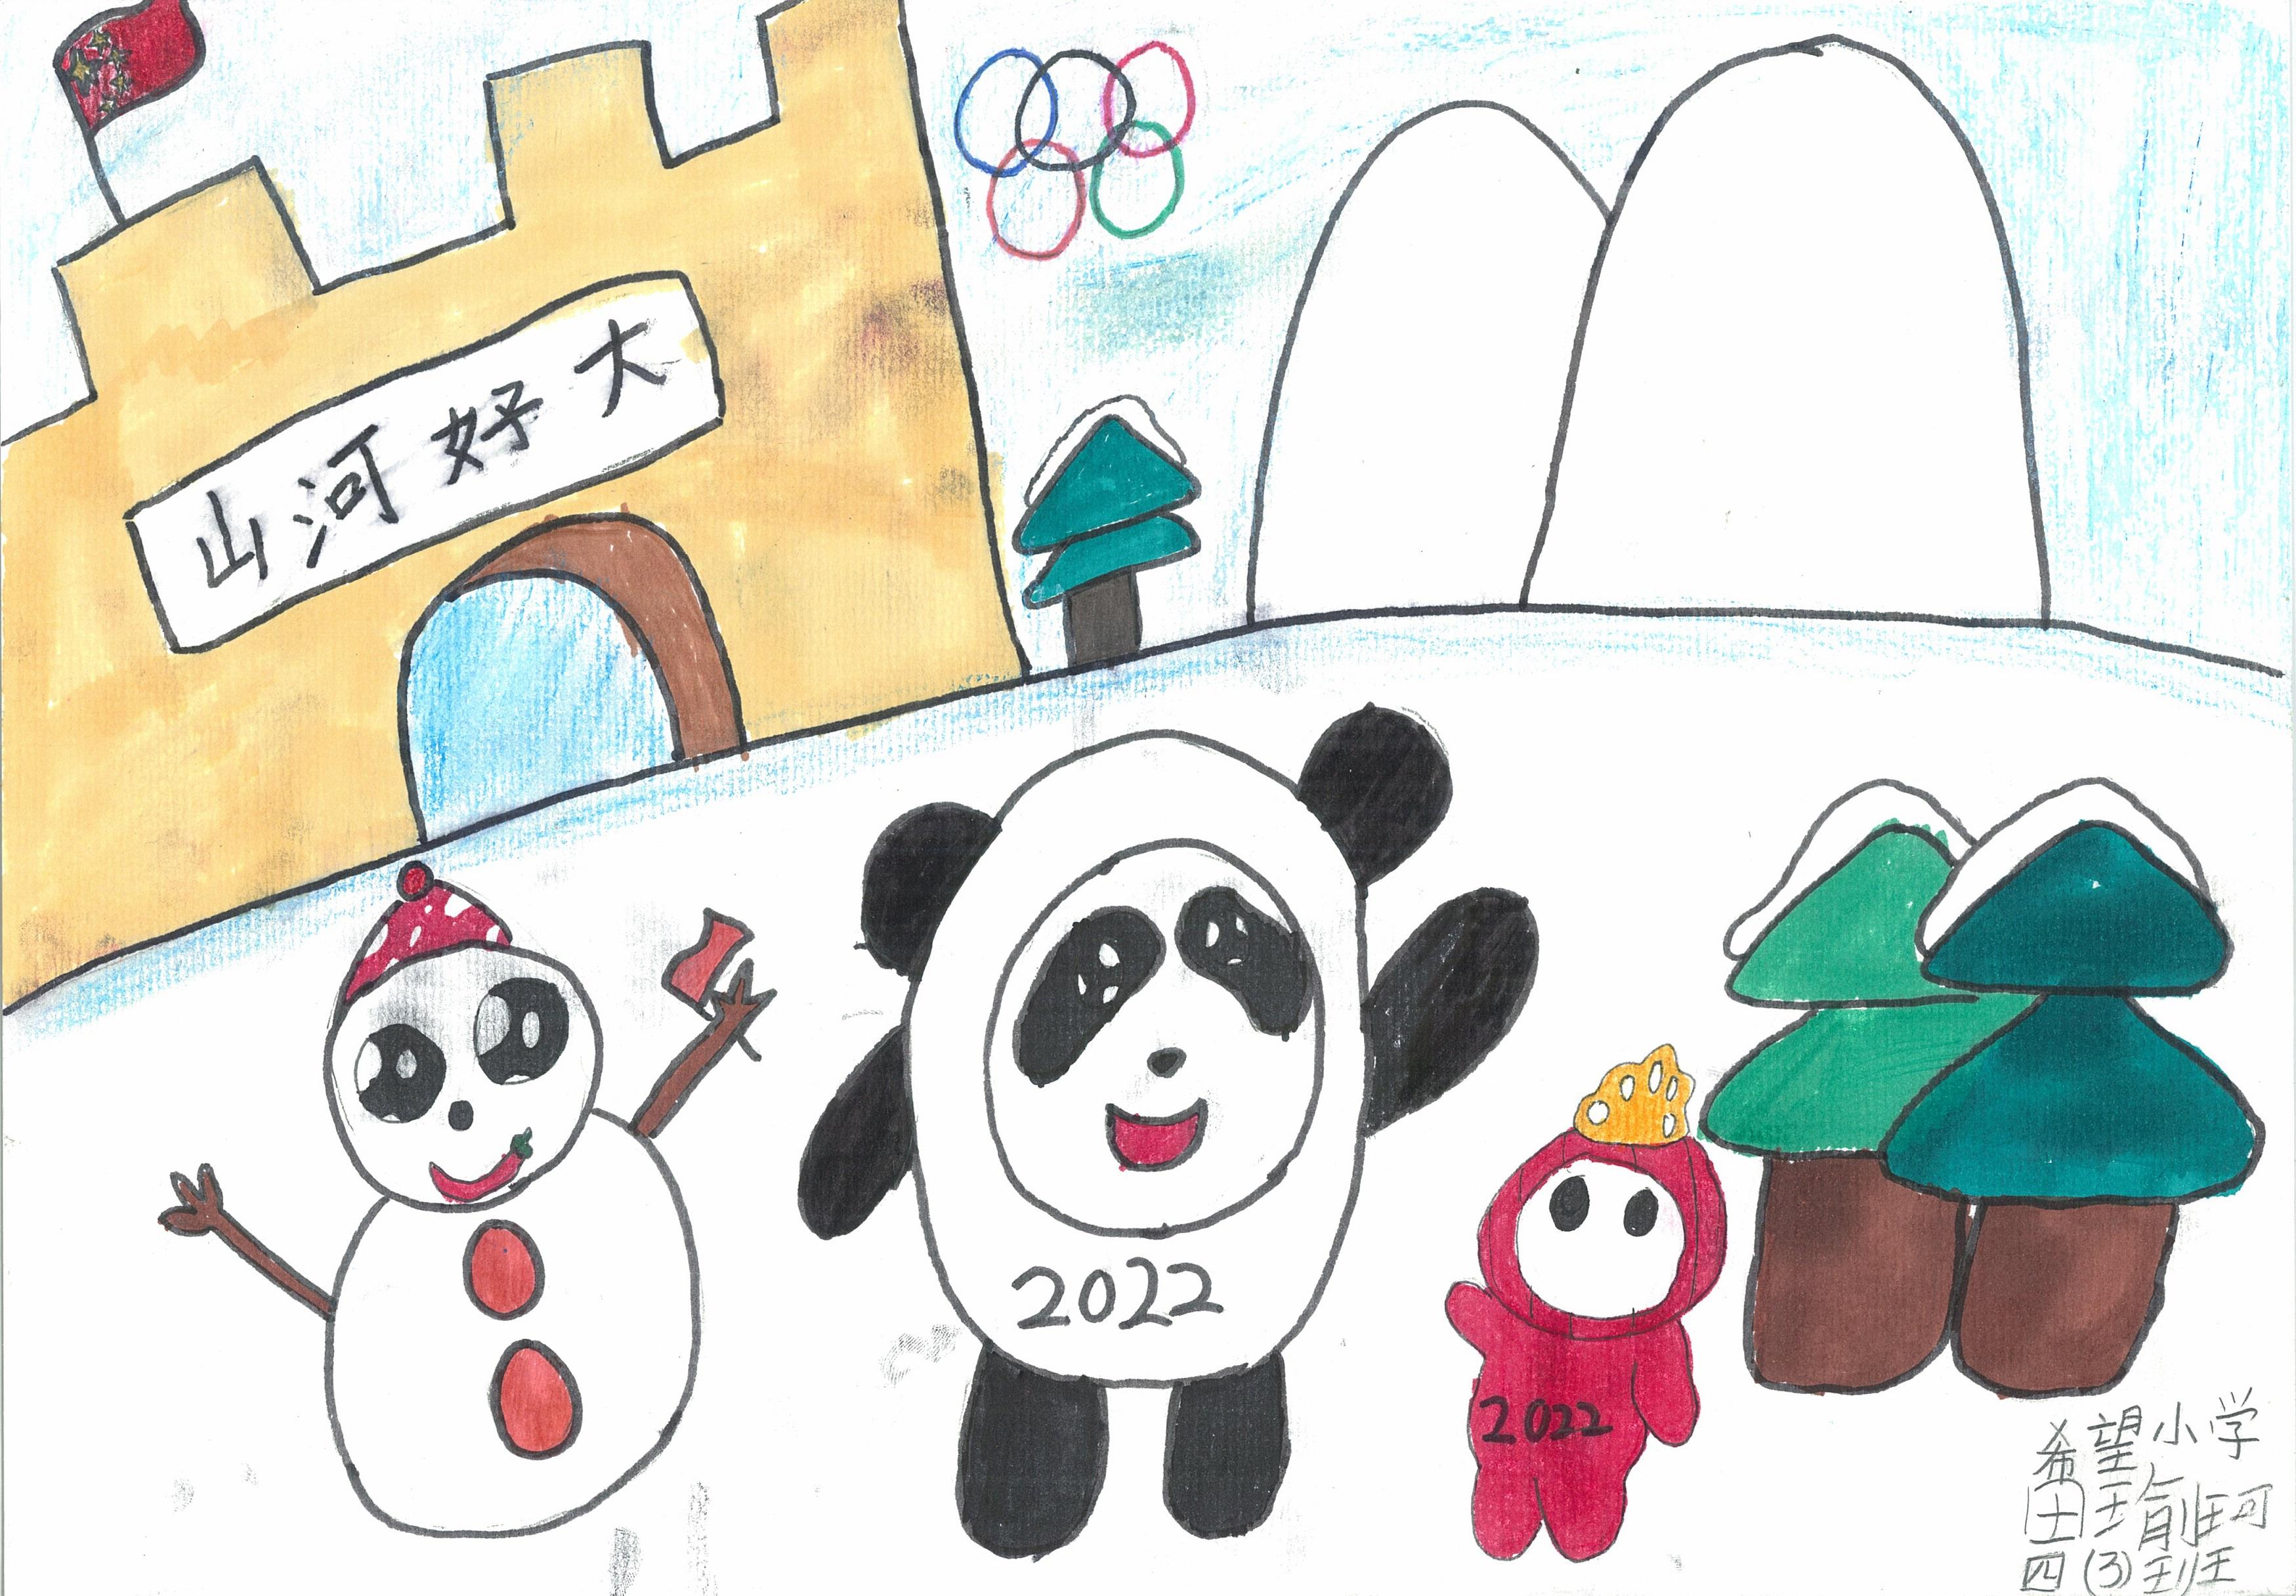 《我心中的冬奥荣耀时刻》Glory Moments Of The Winter Olympics In My Heart +田瑜珂 Tian Yuke